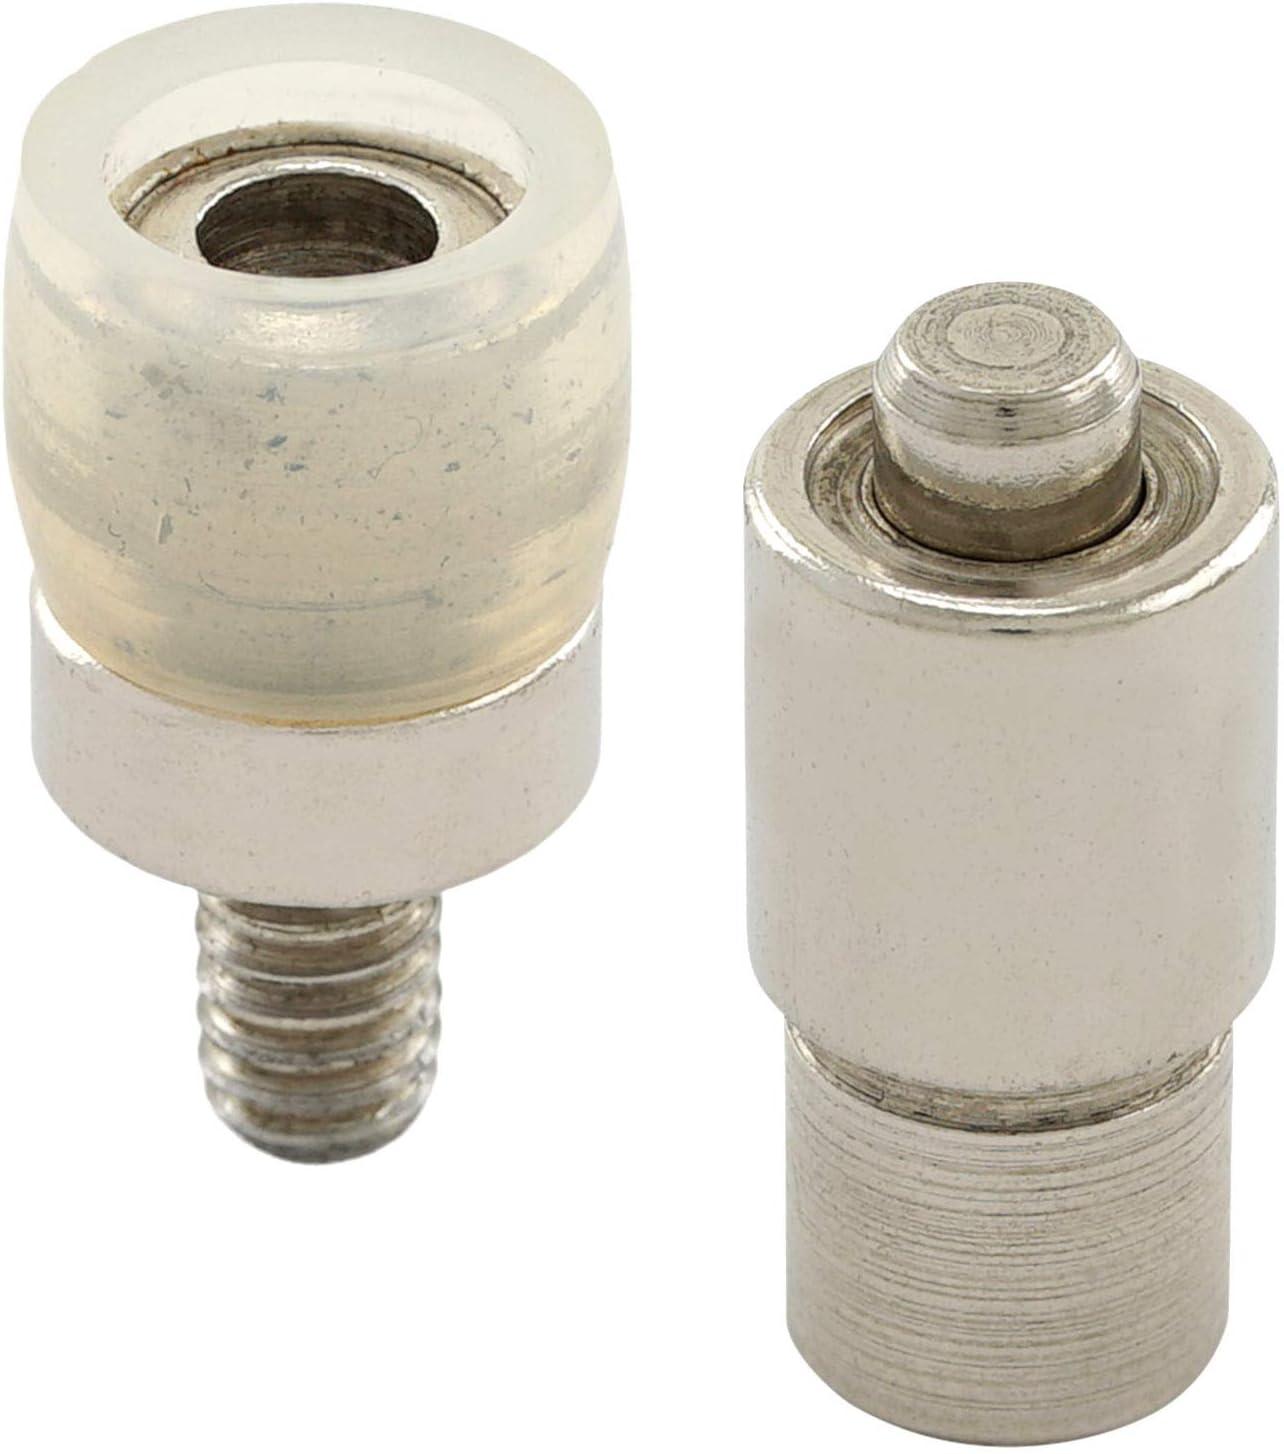 bestehend aus Spindelpresse Drehspindel Set Gold, 10 mm GETMORE Parts Spindelpressen Druckknopfwerkzeug und 100 S-Feder-Druckkn/öpfen